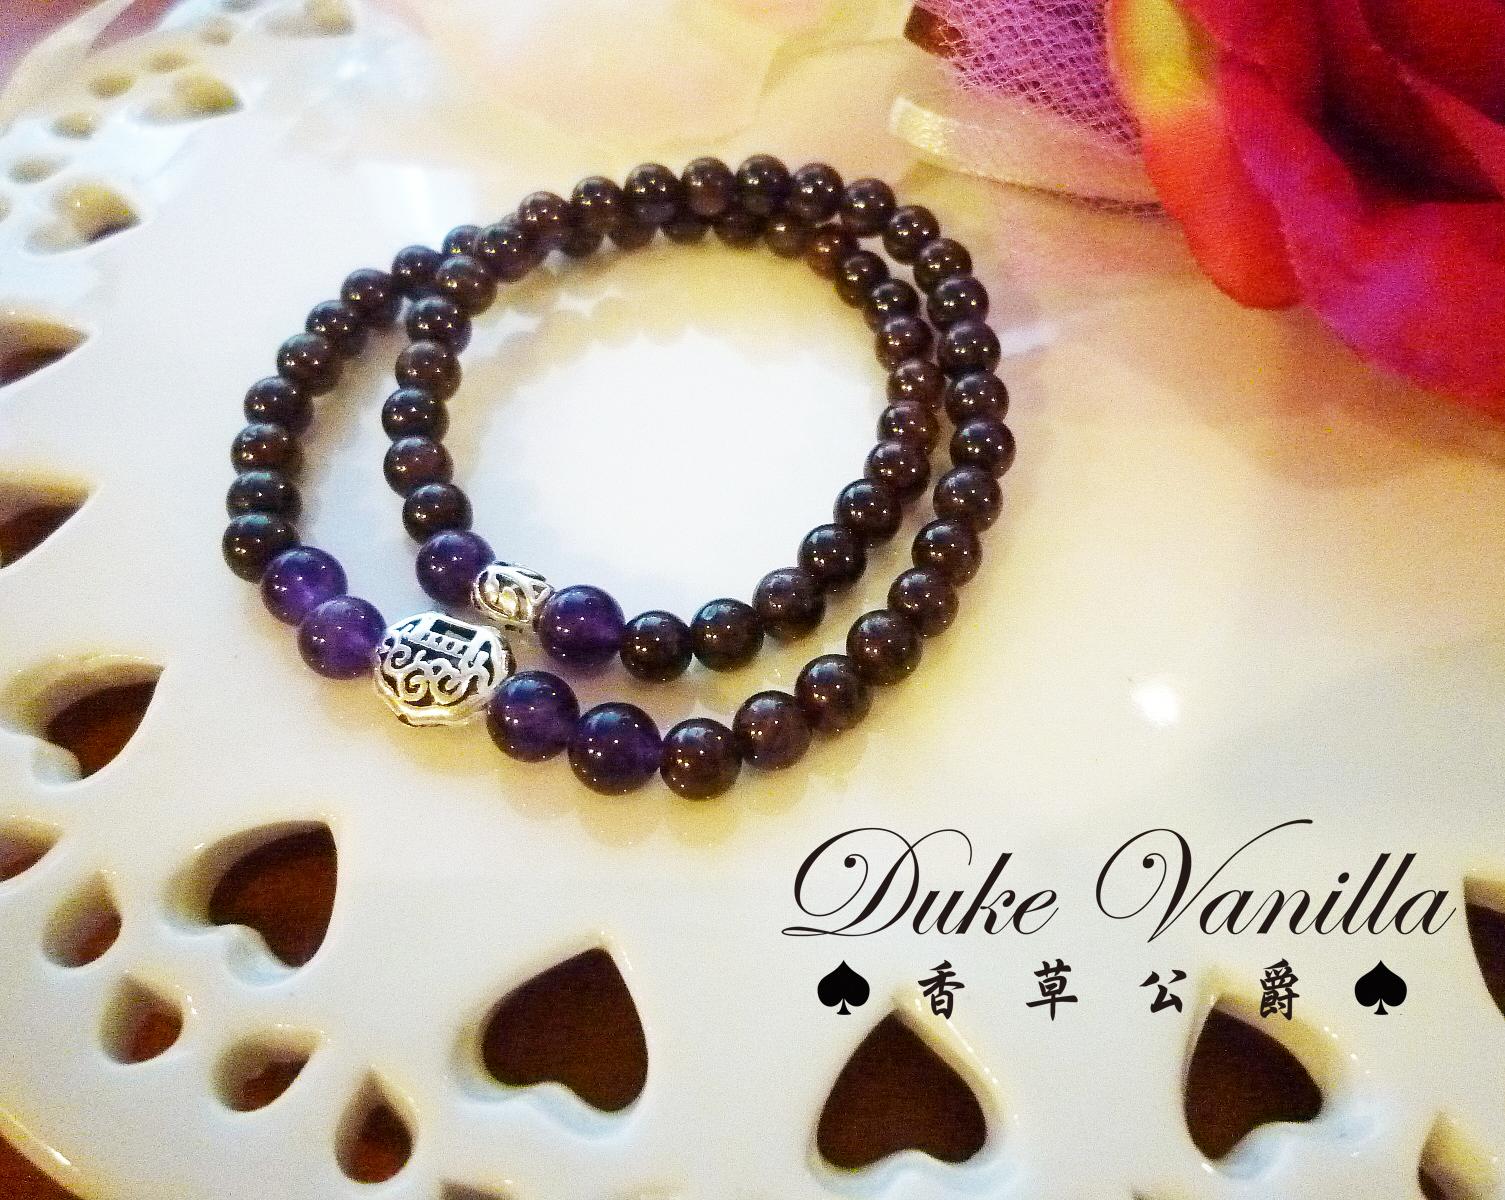 深紫紅紅石榴雙圈純銀小物手環 - Duke Vanilla 香草公爵